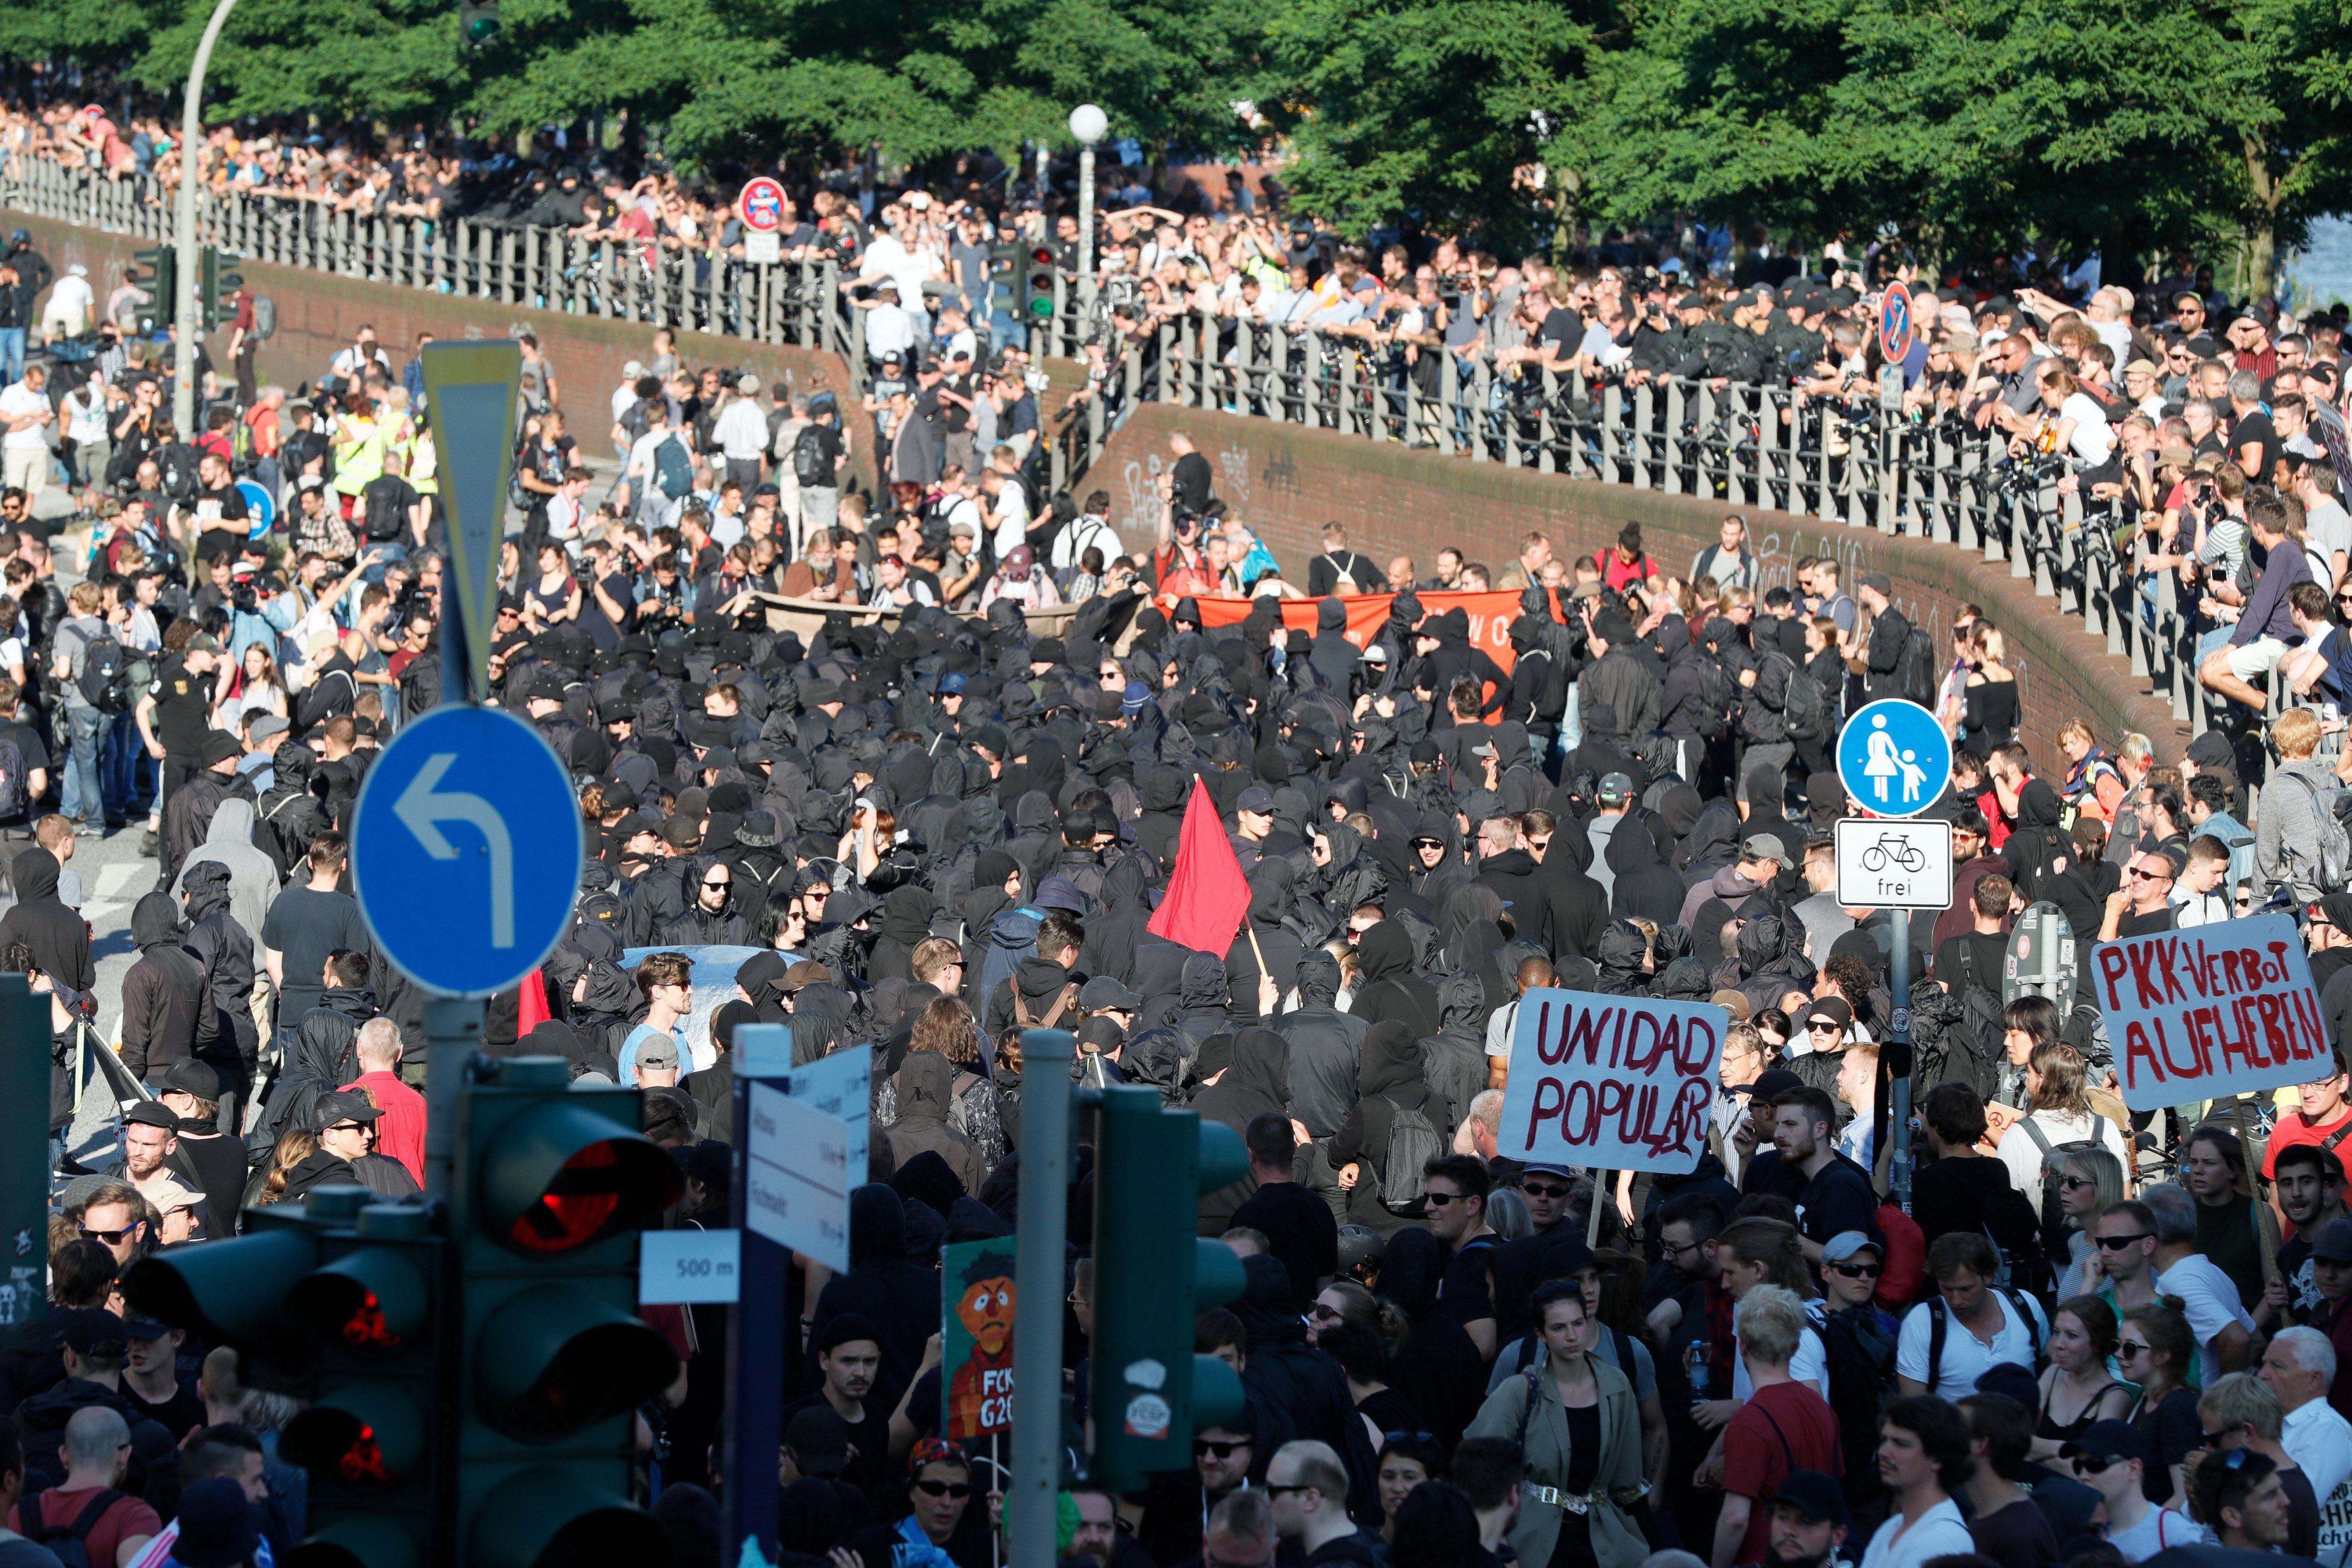 La policía reprimió una protesta de activistas anti G-20 en Hamburgo